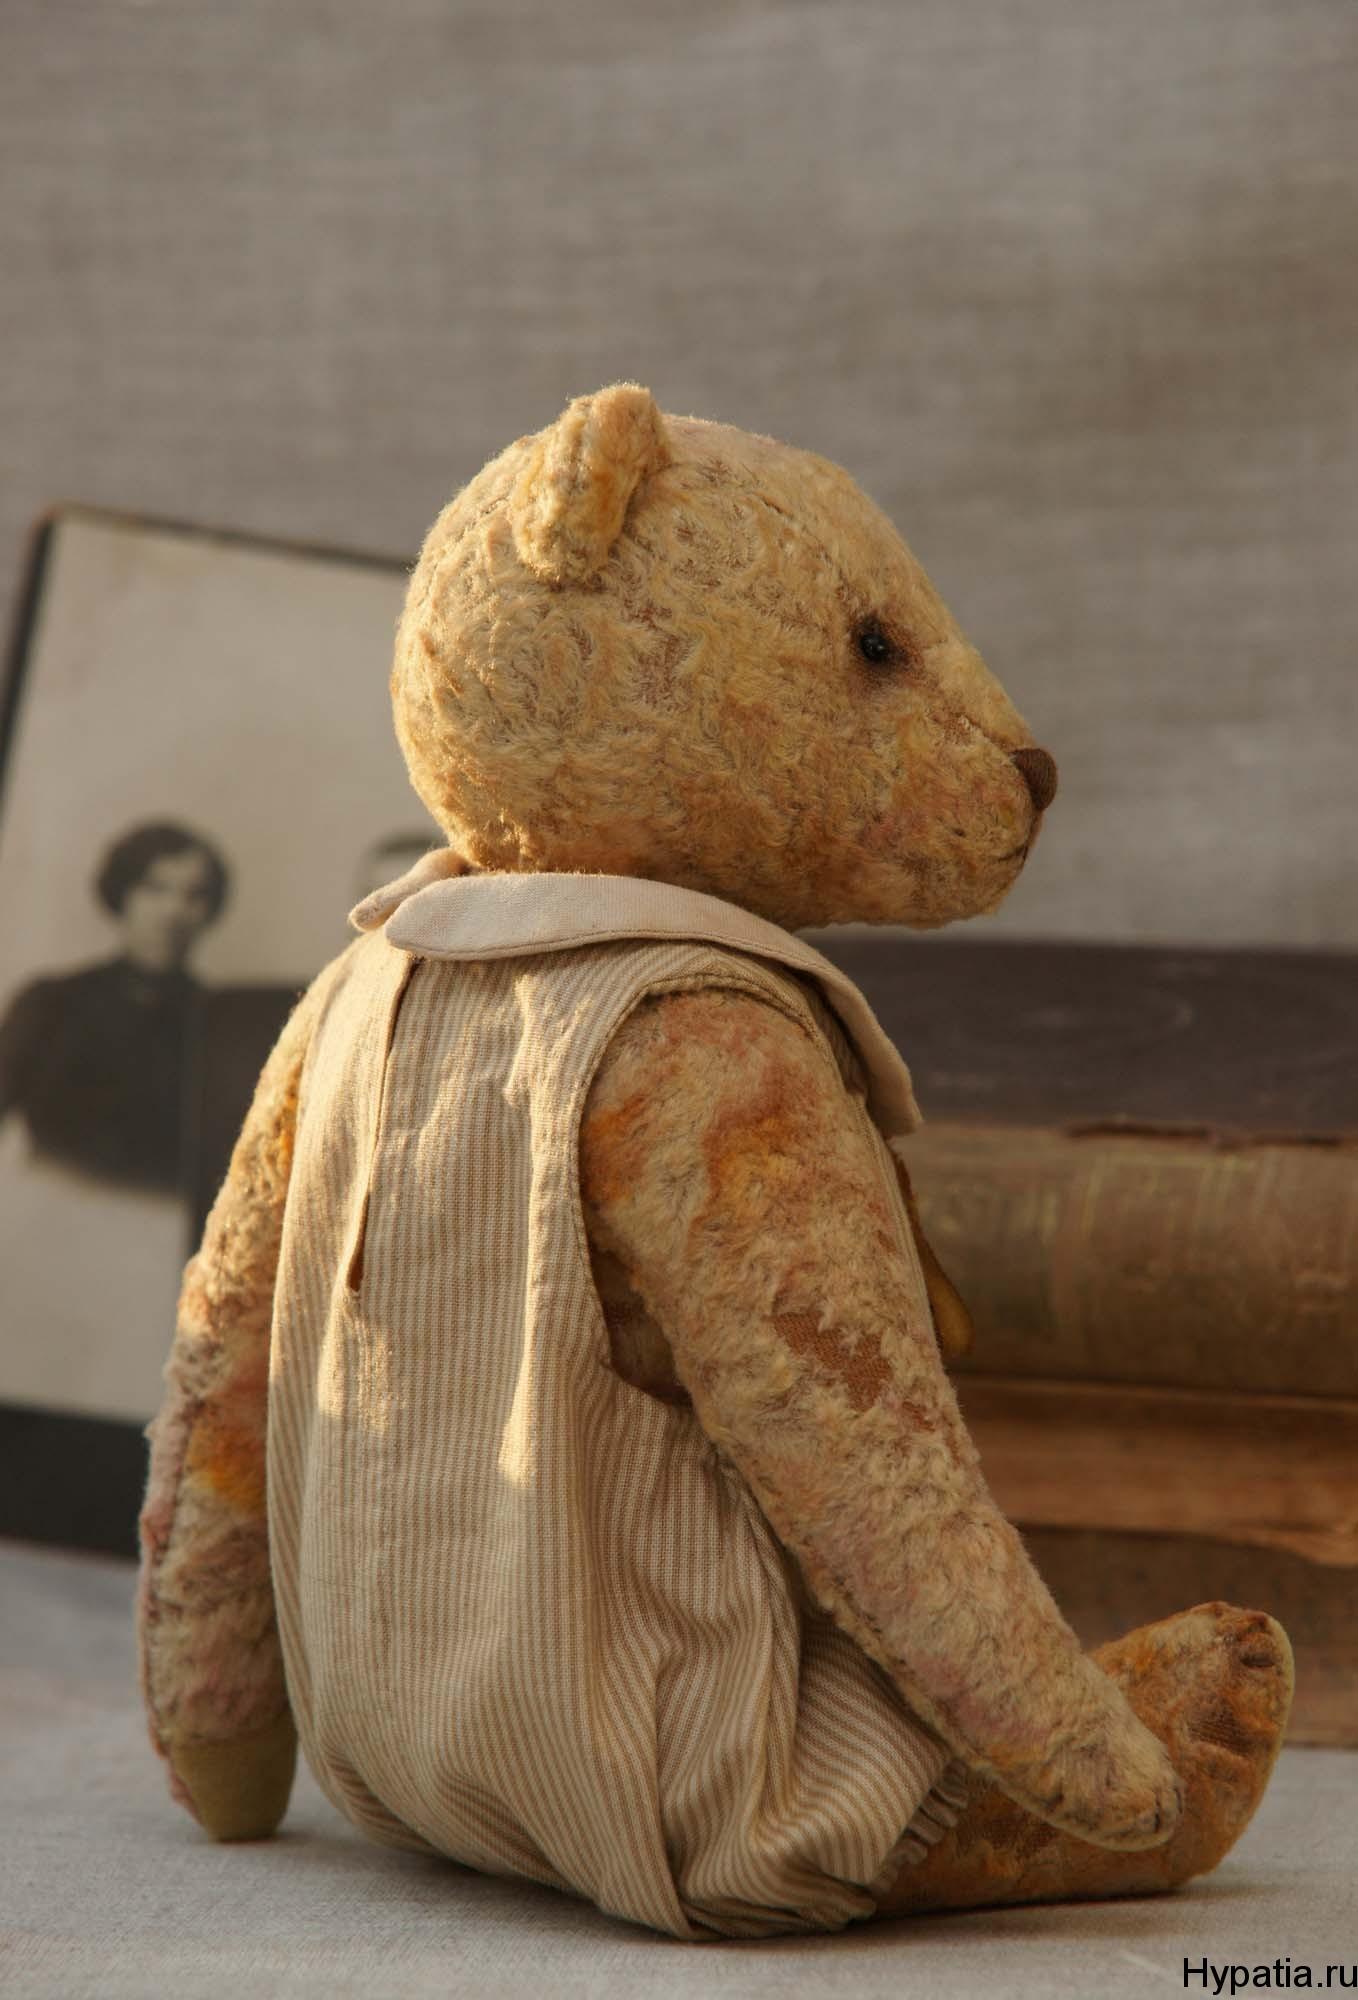 Медведь в стиле тедди